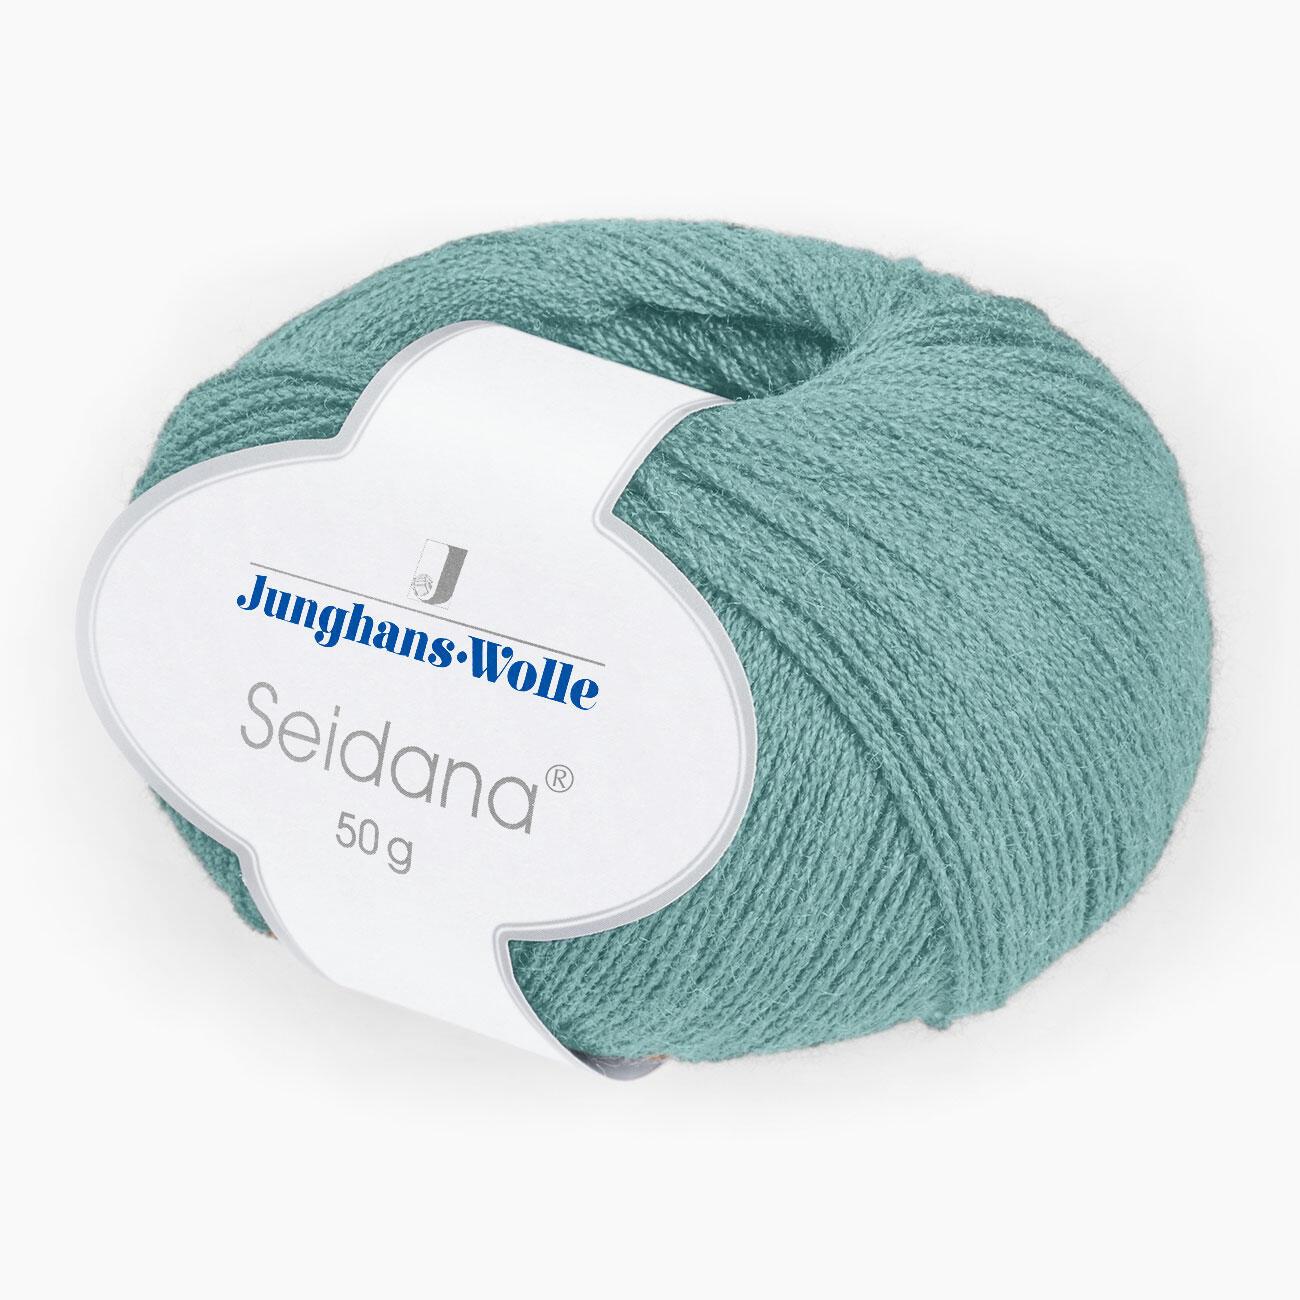 Anleitung 4300, Jacke aus Seidana® von Junghans Wolle